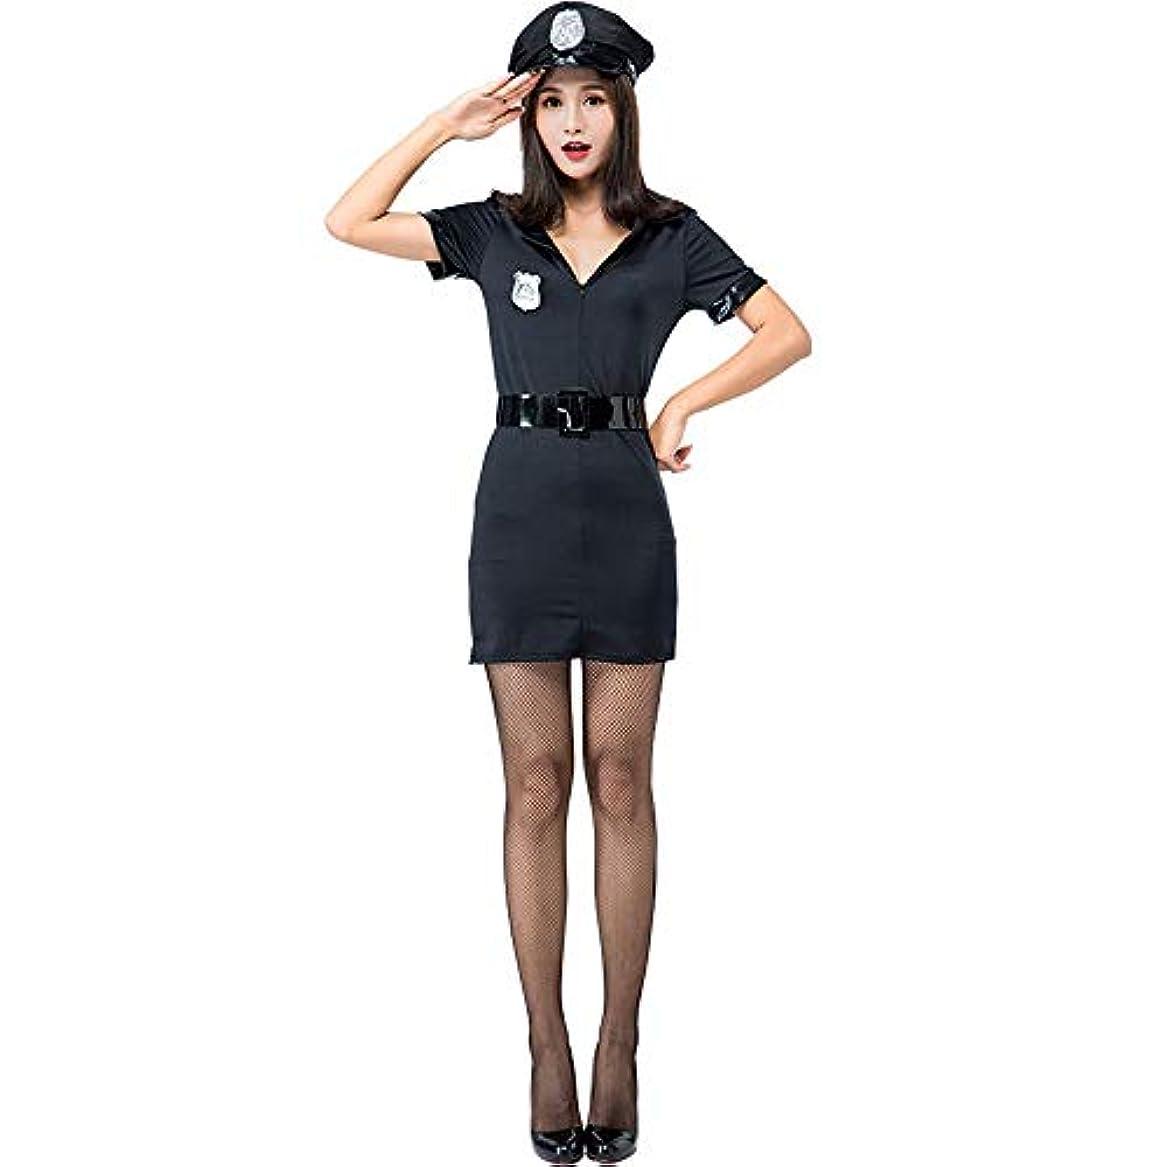 もの十分な小麦MissingY ハロウィン コスプレ ポリス 警察 婦人警官 コスチューム 制服 黒 衣装 ハロウィン 仮装 スカート ワンピース 大人 レディース 4点セット